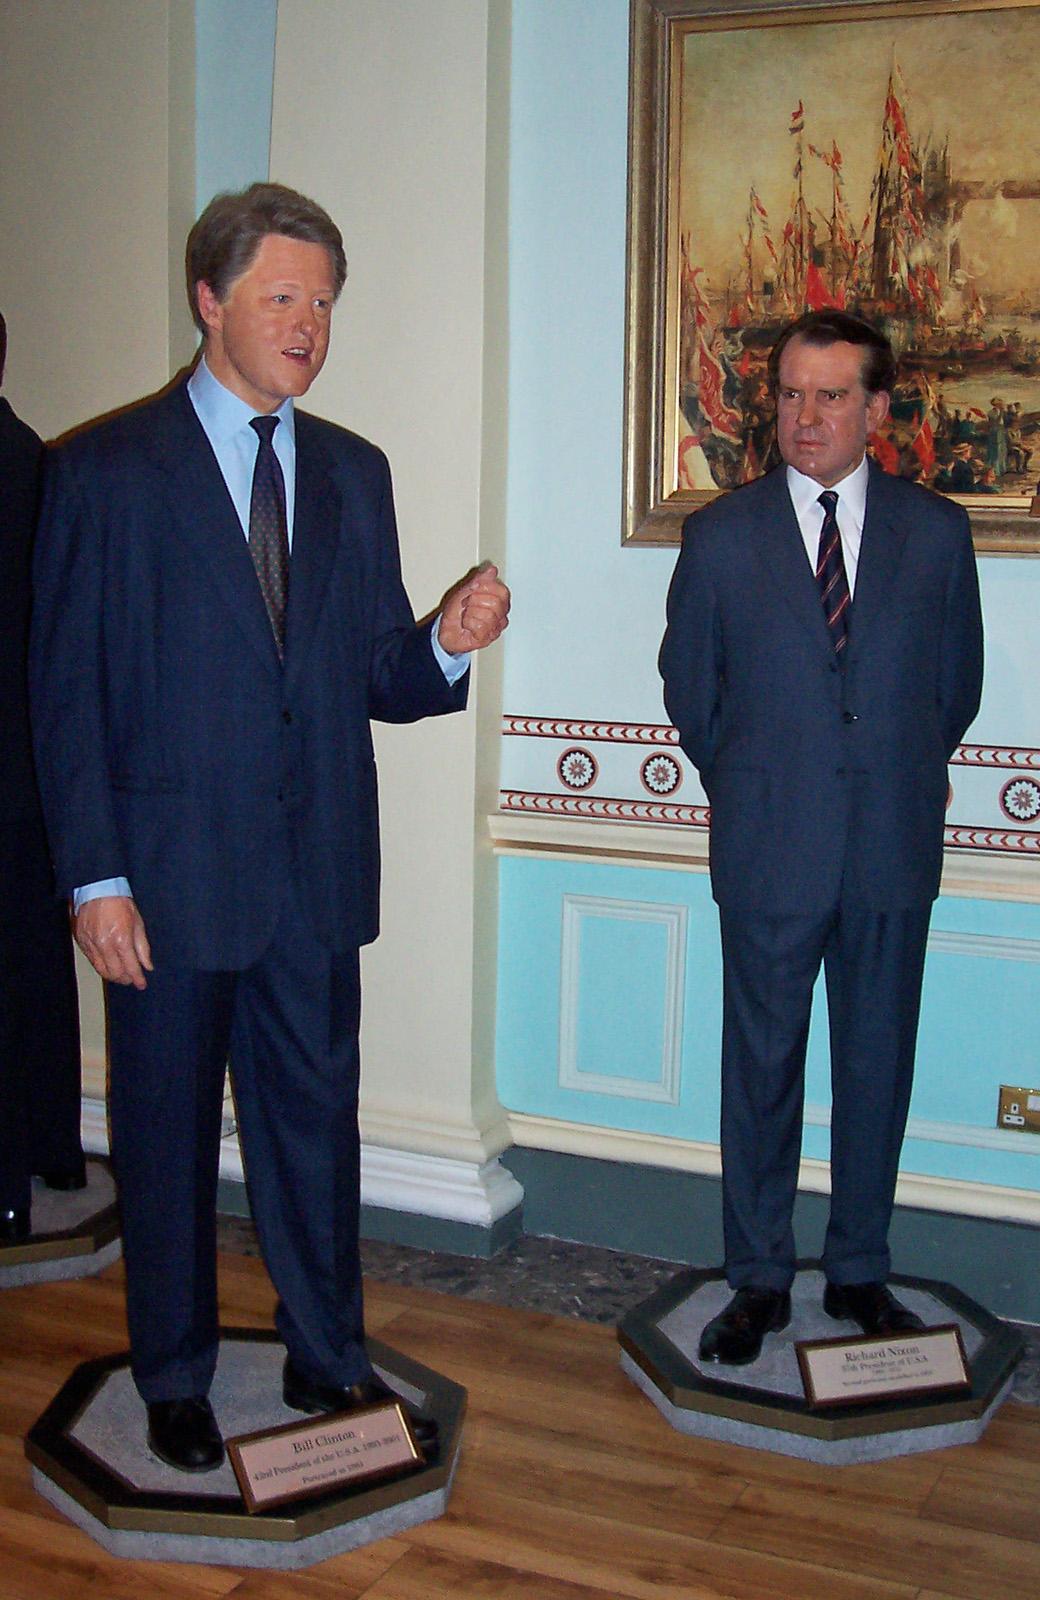 File Insapphowetrust Bill Clinton And Richard Nixon At